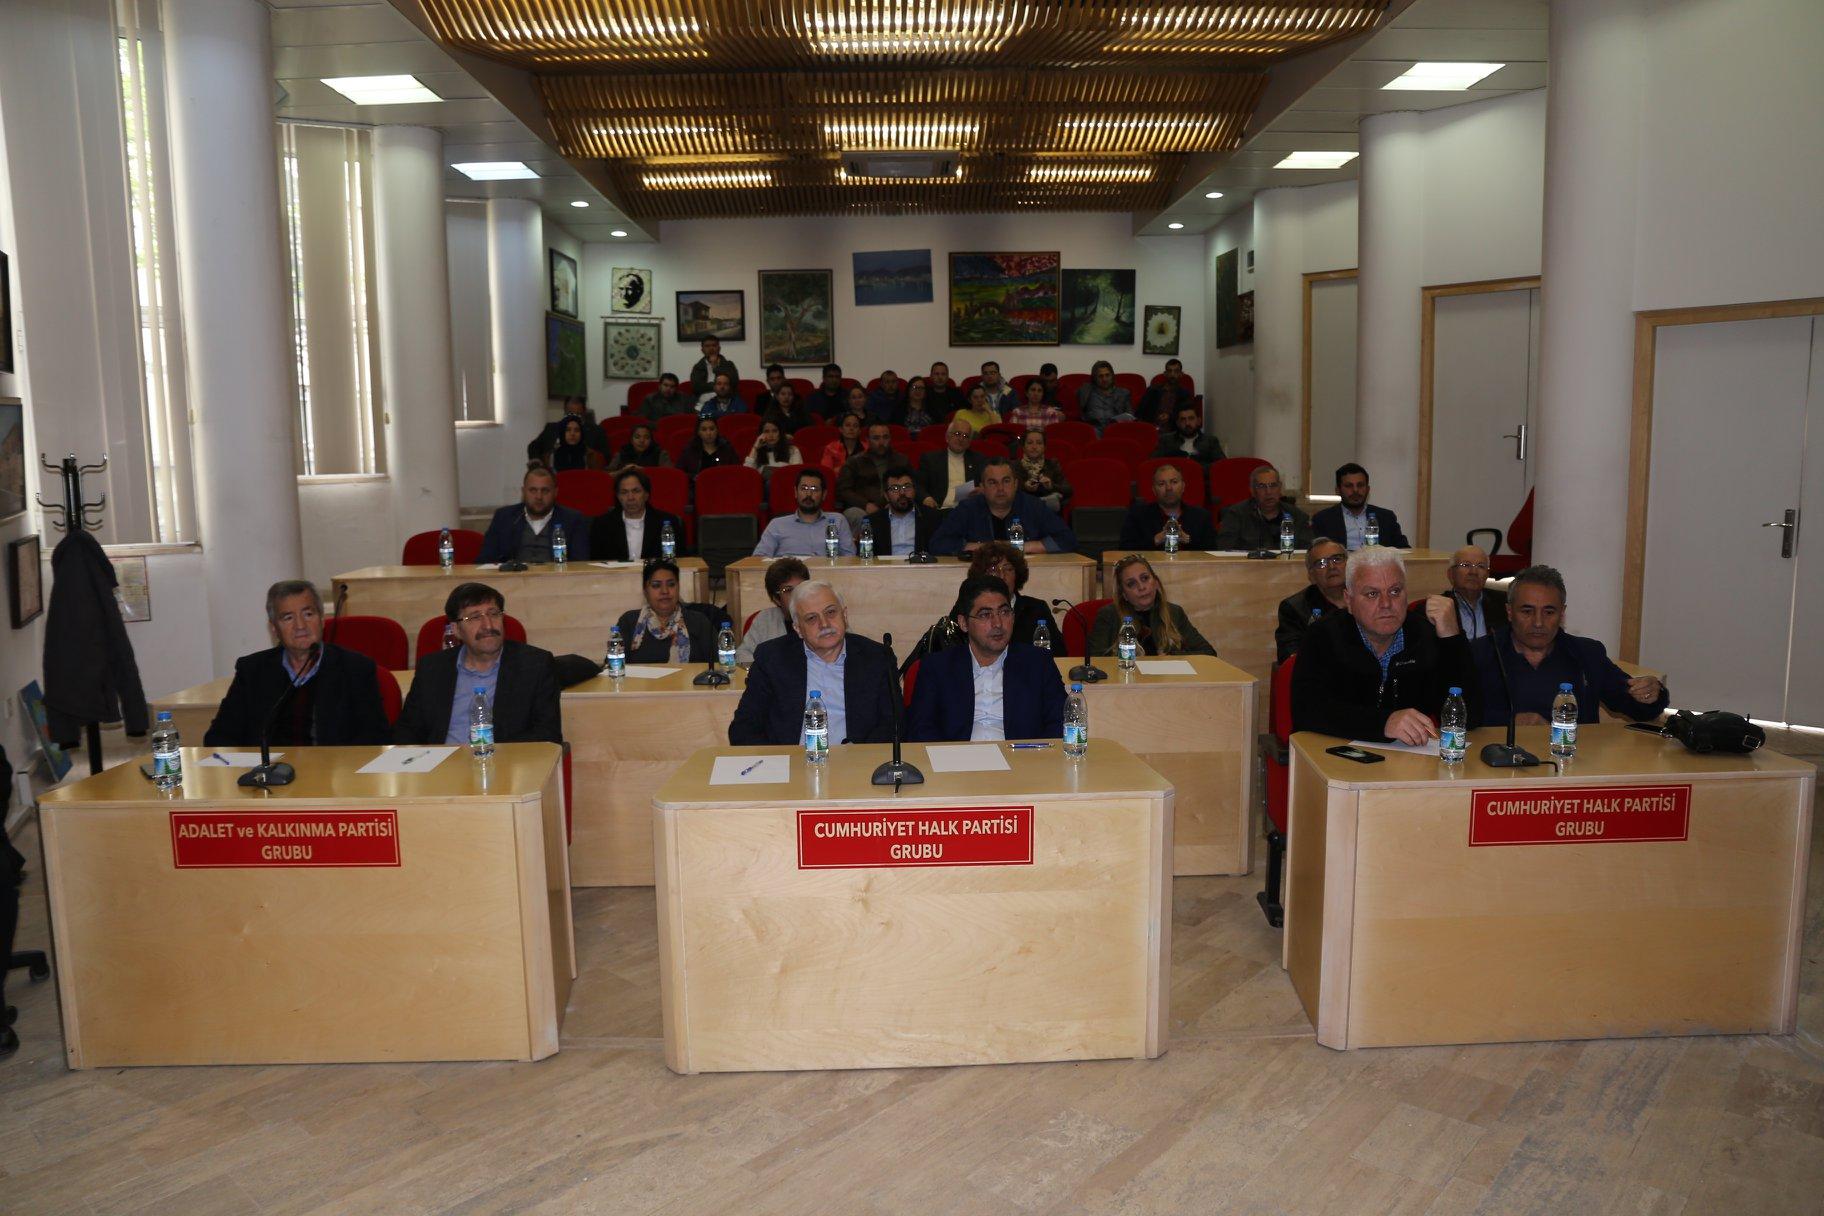 M.S.G.S.Ü Kuzey Ege Arkeoloji Araştırma ve Uygulama Merkezi'nin Paneli